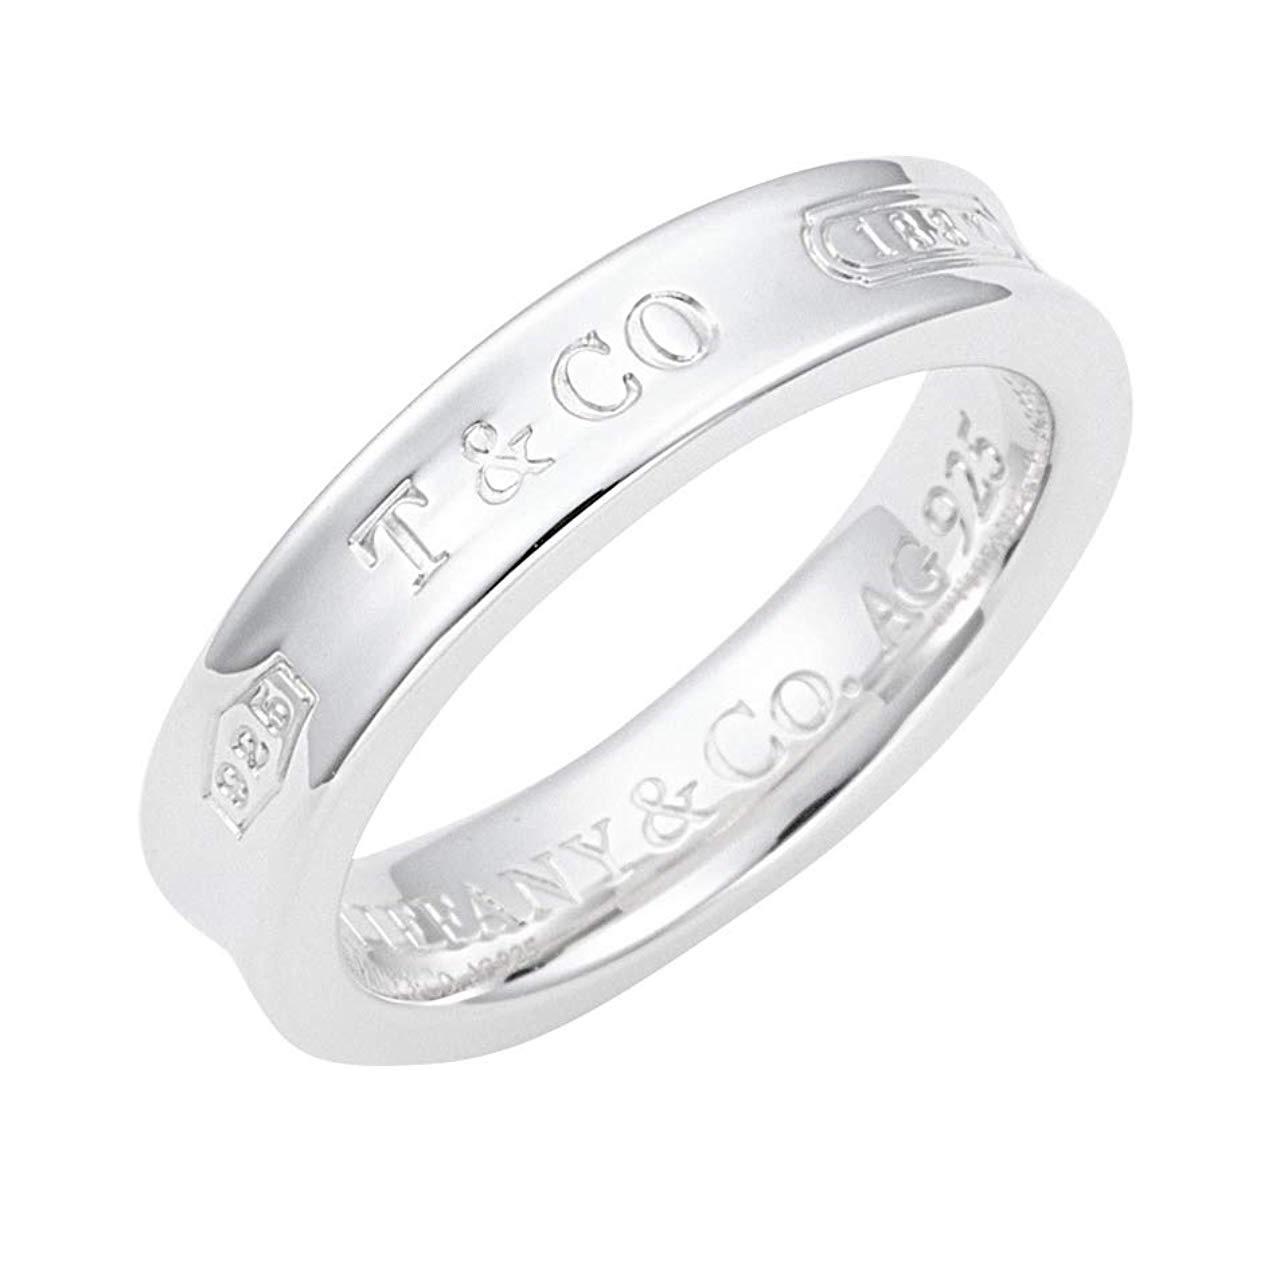 再降!Tiffany&Co 蒂芙尼 1837系列 窄款银戒指